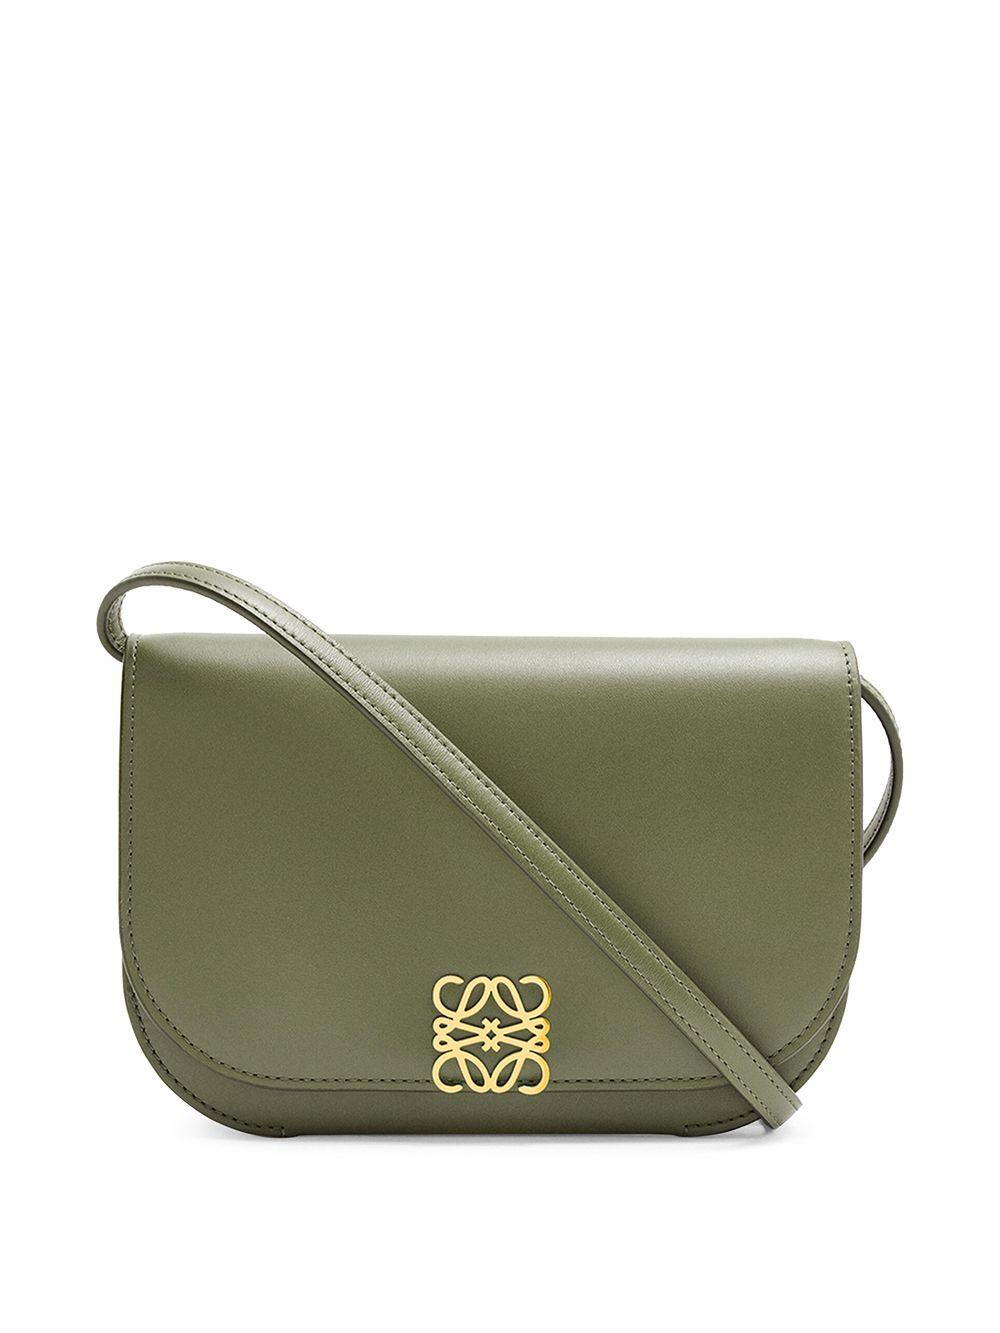 Goya Accordion Clutch Bag